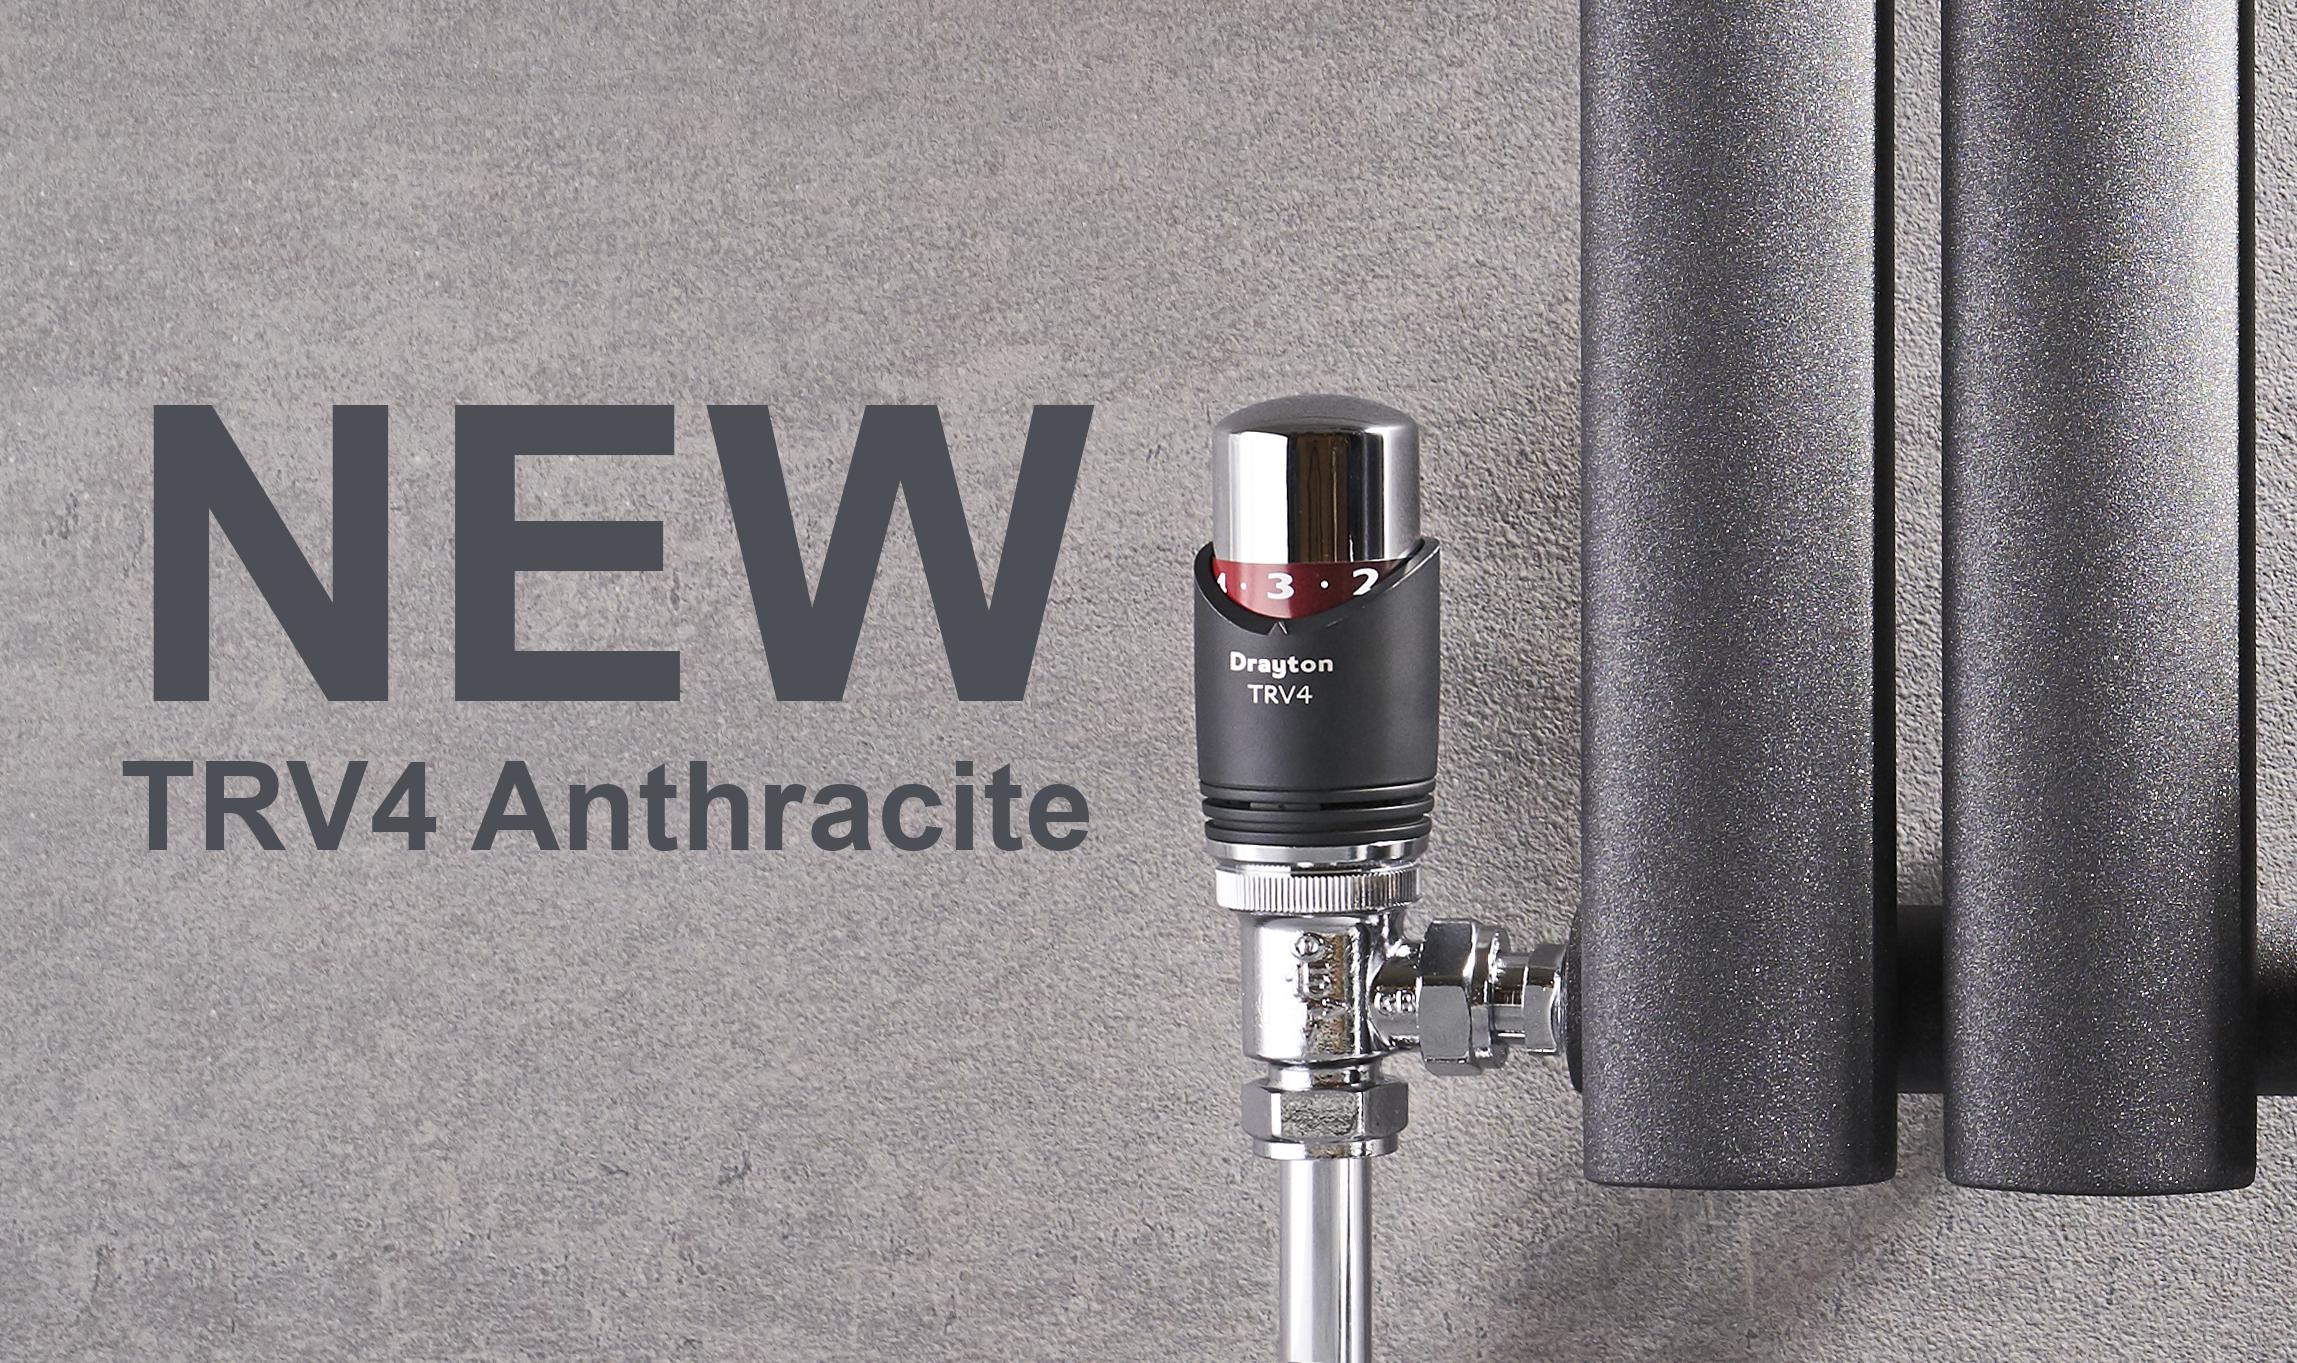 drayton_trv4_anthracite_radiator_valve